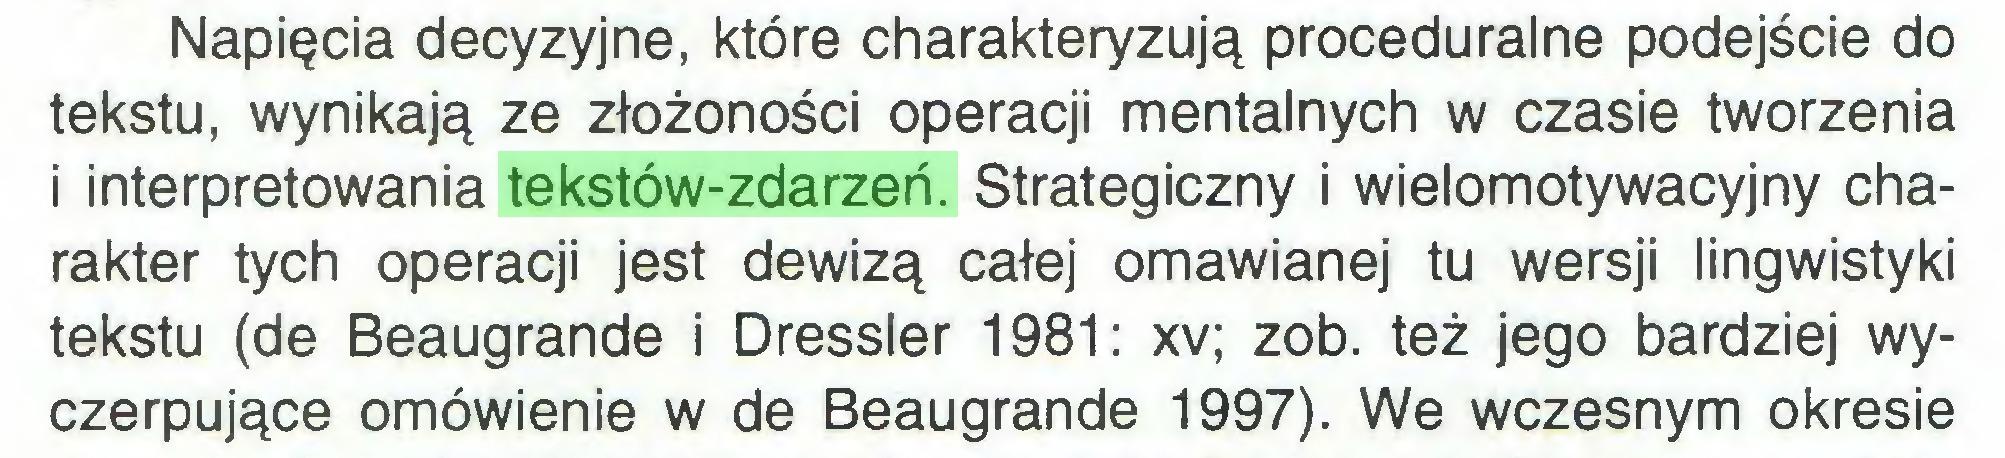 (...) Napięcia decyzyjne, które charakteryzują proceduralne podejście do tekstu, wynikają ze złożoności operacji mentalnych w czasie tworzenia i interpretowania tekstów-zdarzeń. Strategiczny i wielomotywacyjny charakter tych operacji jest dewizą całej omawianej tu wersji lingwistyki tekstu (de Beaugrande i Dressier 1981: xv; zob. też jego bardziej wyczerpujące omówienie w de Beaugrande 1997). We wczesnym okresie...